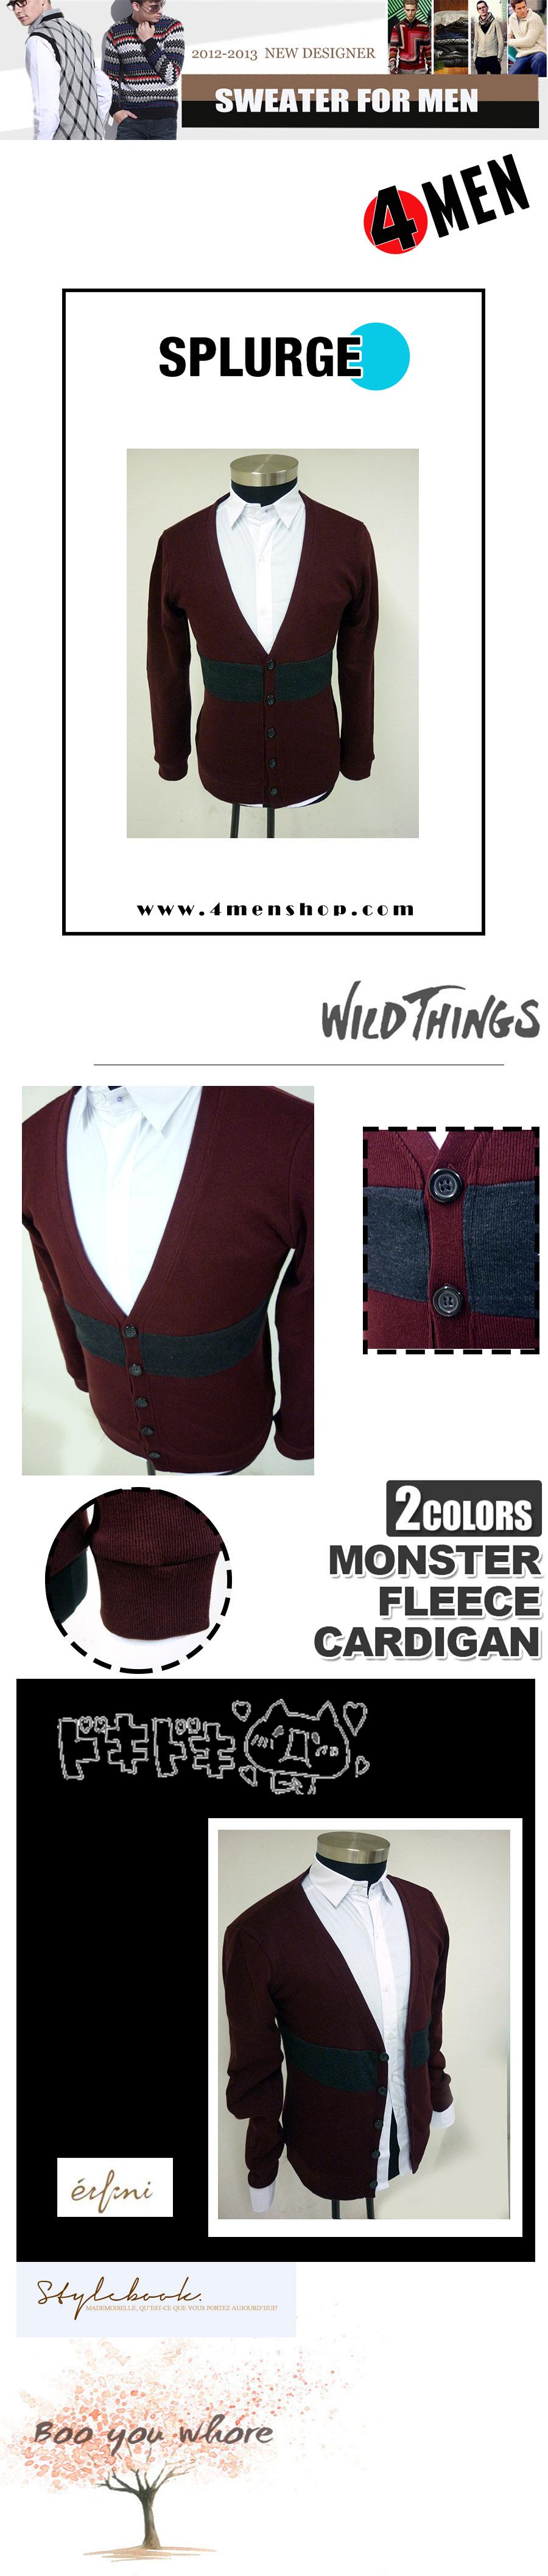 Áo khoác cardigan đỏ đô ac058 - 1